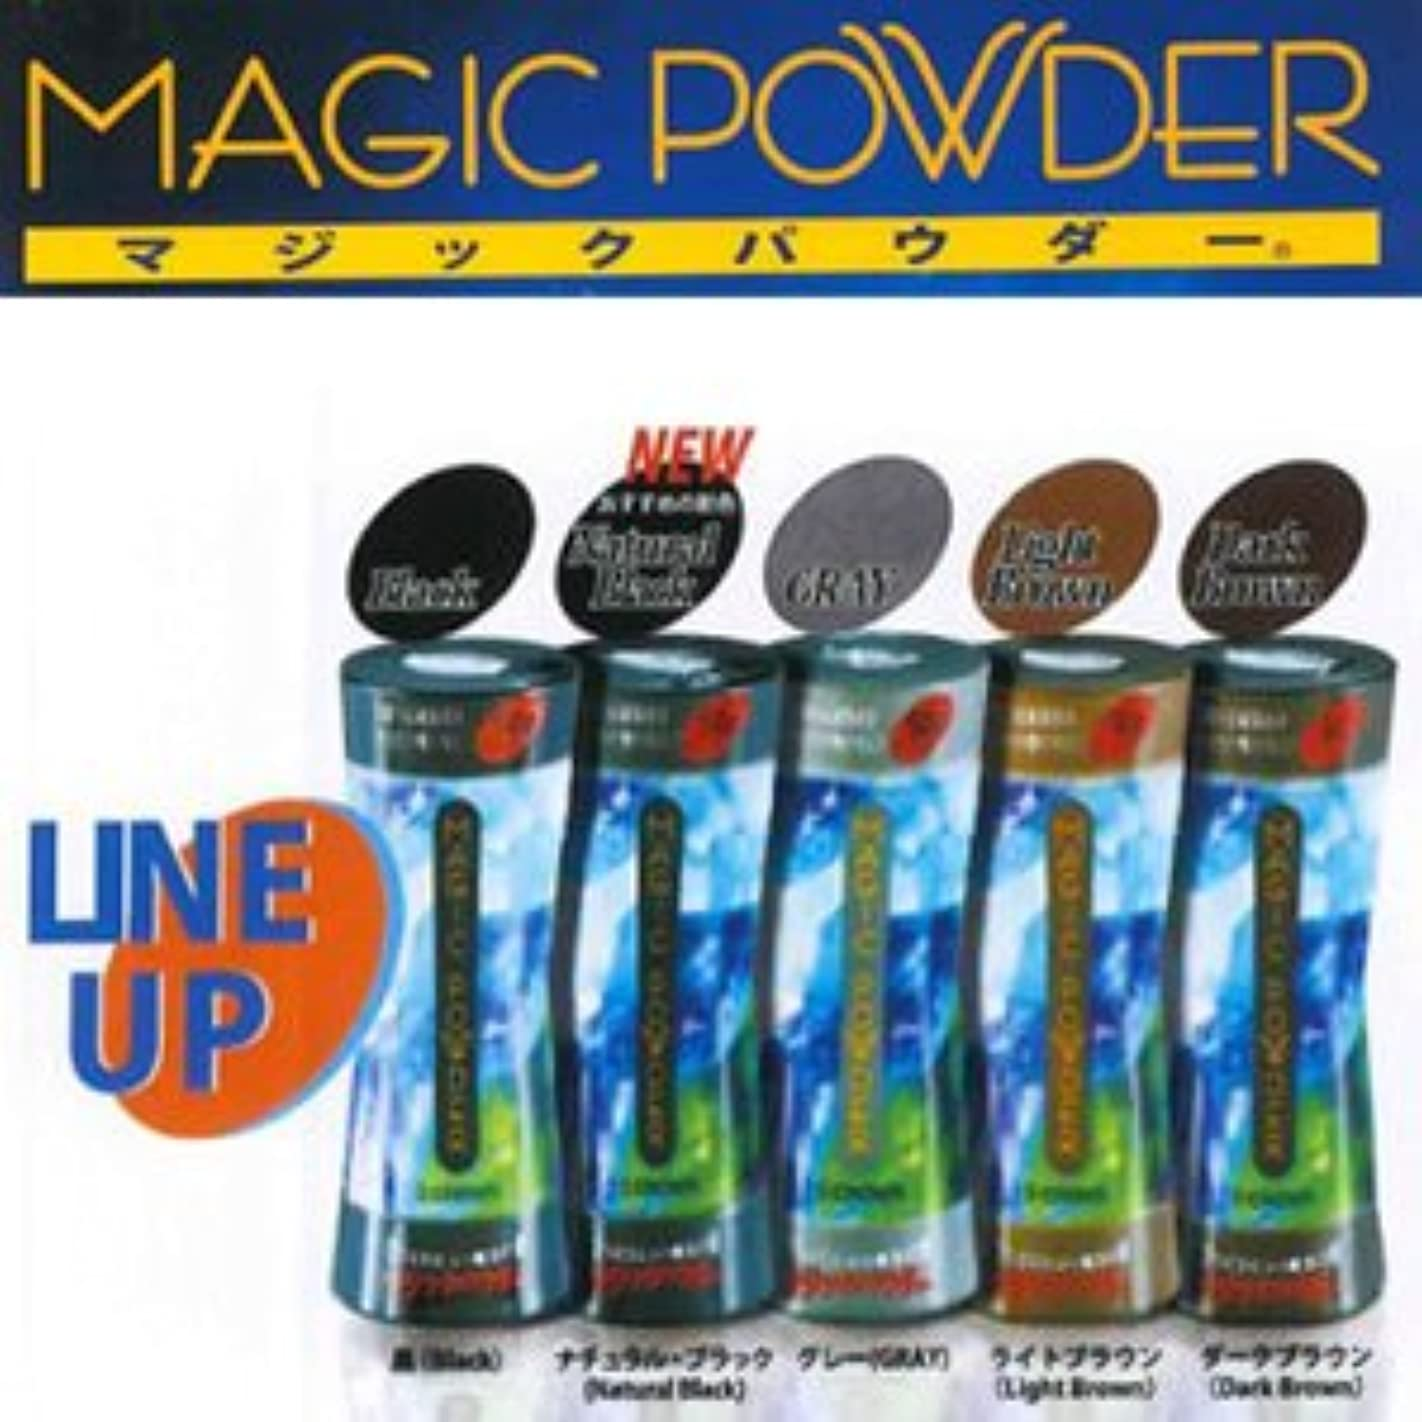 状応援する商品MAGIC POWDER マジックパウダー ナチュラル?ブラック 50g 2個セット ※貴方の髪を簡単ボリュームアップ!